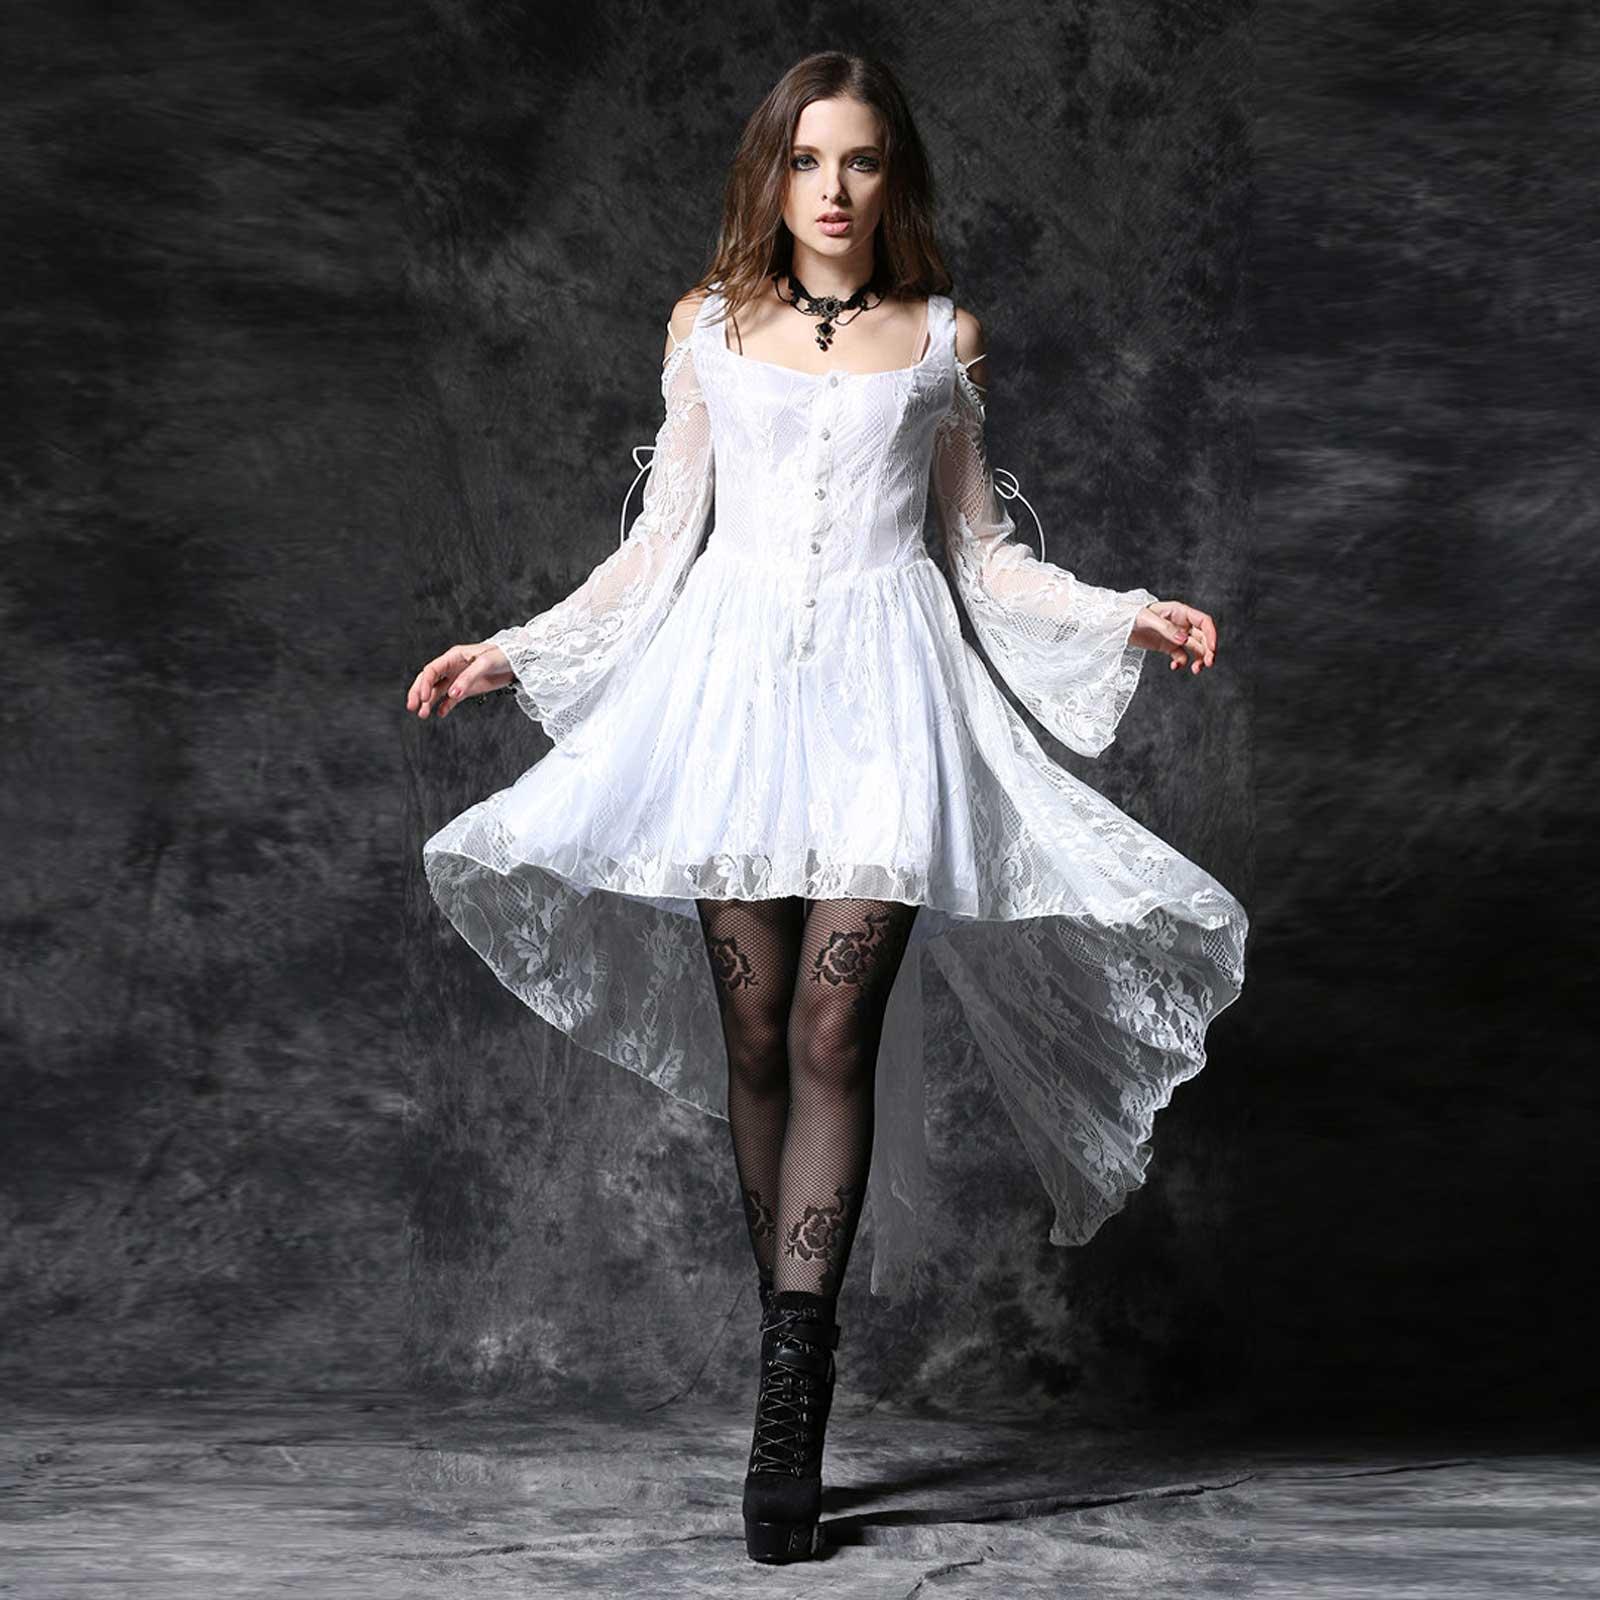 DARK IN LOVE Weißes Gothic Kleid mit viel Spitze White Lady Dovetail ...